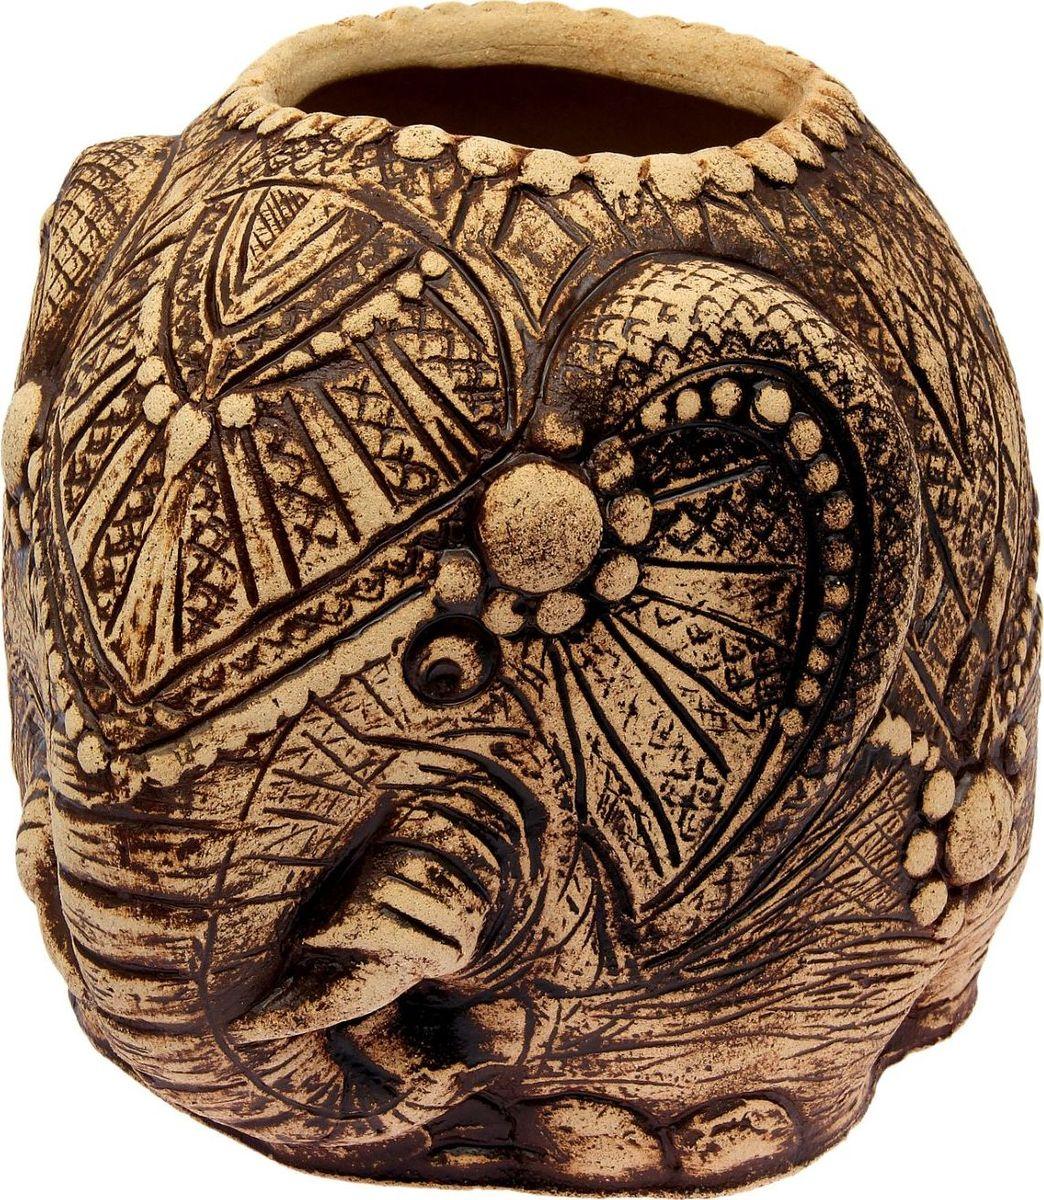 Горшок для цветов Керамика ручной работы Слон индийский, 39 х 36 х 42 см1998803Горшок Слон индийский - настоящая находка для садоводов. Это замечательное изделие, словно претерпевшее влияние времени, станет изысканной деталью вашего участка. Фигура выполнена исключительно из шамотной глины, которая делает ее: абсолютно нетоксичной устойчивой к воздействию окружающей среды (морозостойкой) устойчивой к изменению цвета и структуры (не шелушится и не облезает).При декорировании используются только качественные пигменты. Глина обжигается в два этапа: утилитный (900 °С) с последующим декорированием и политой (1100 °С). Такая технология придает изделию необходимую крепость.